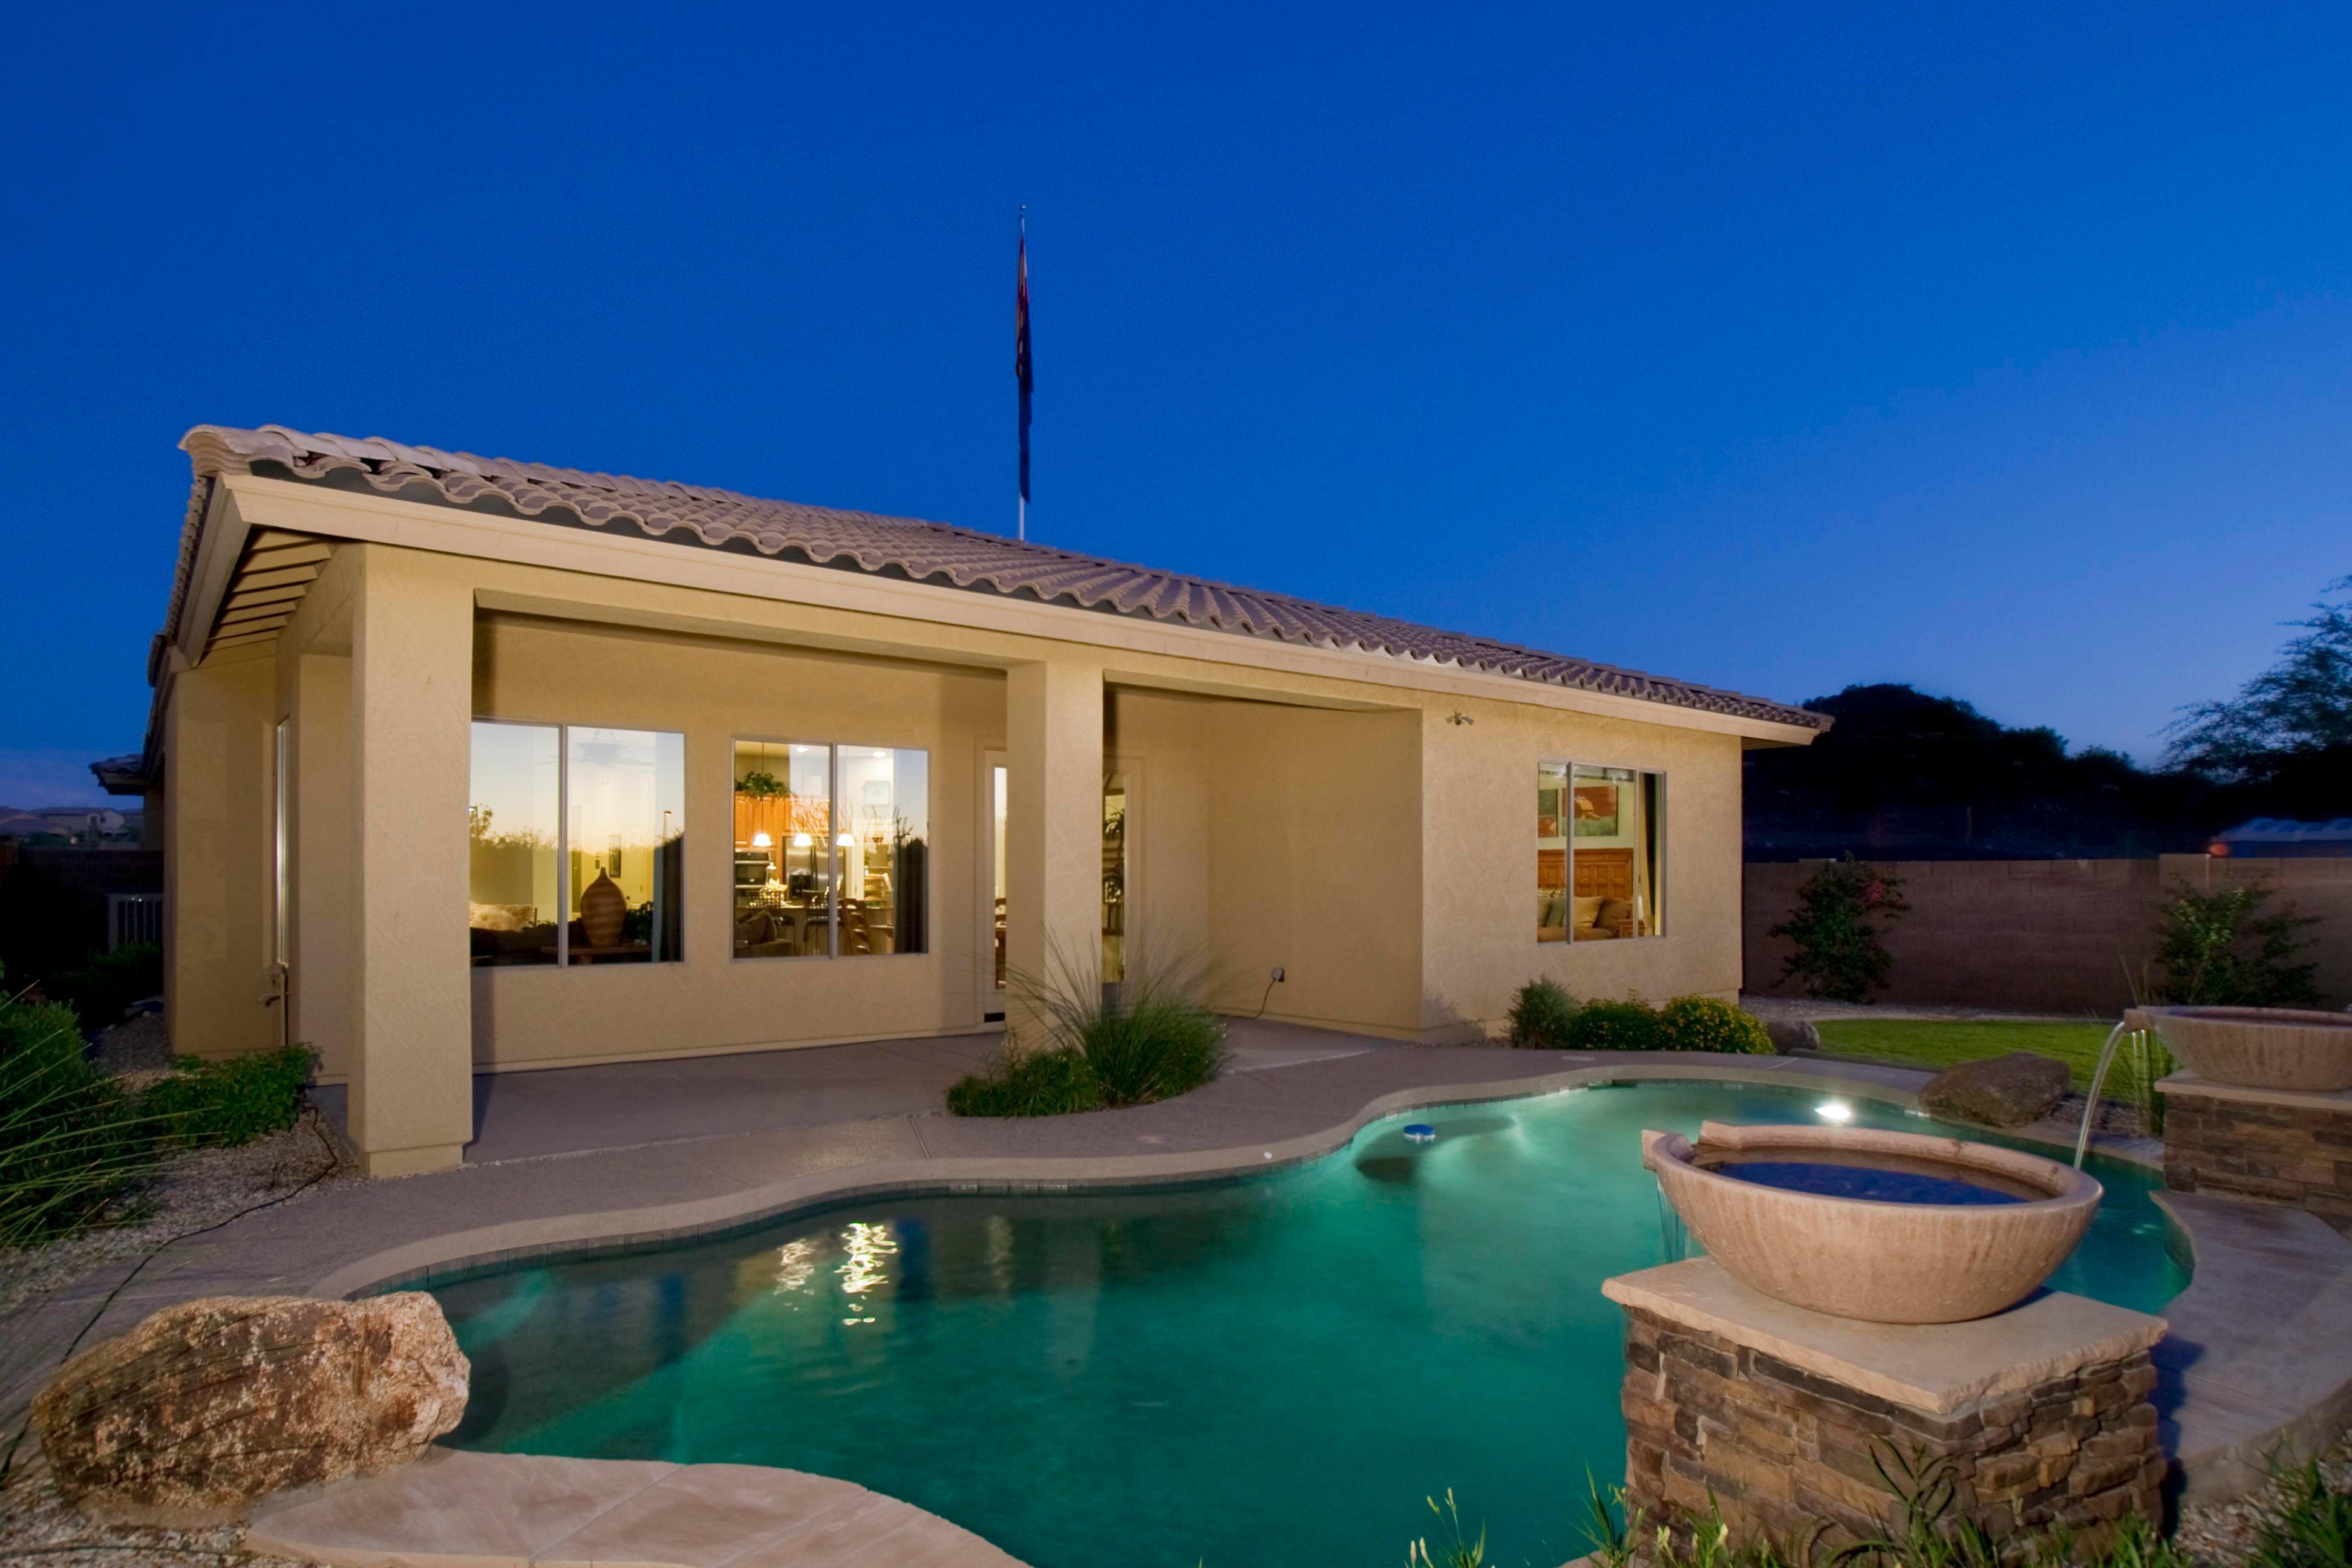 cresleigh homes arizona inc sonoran mountain ranch palacio 639737 peoria az new home for